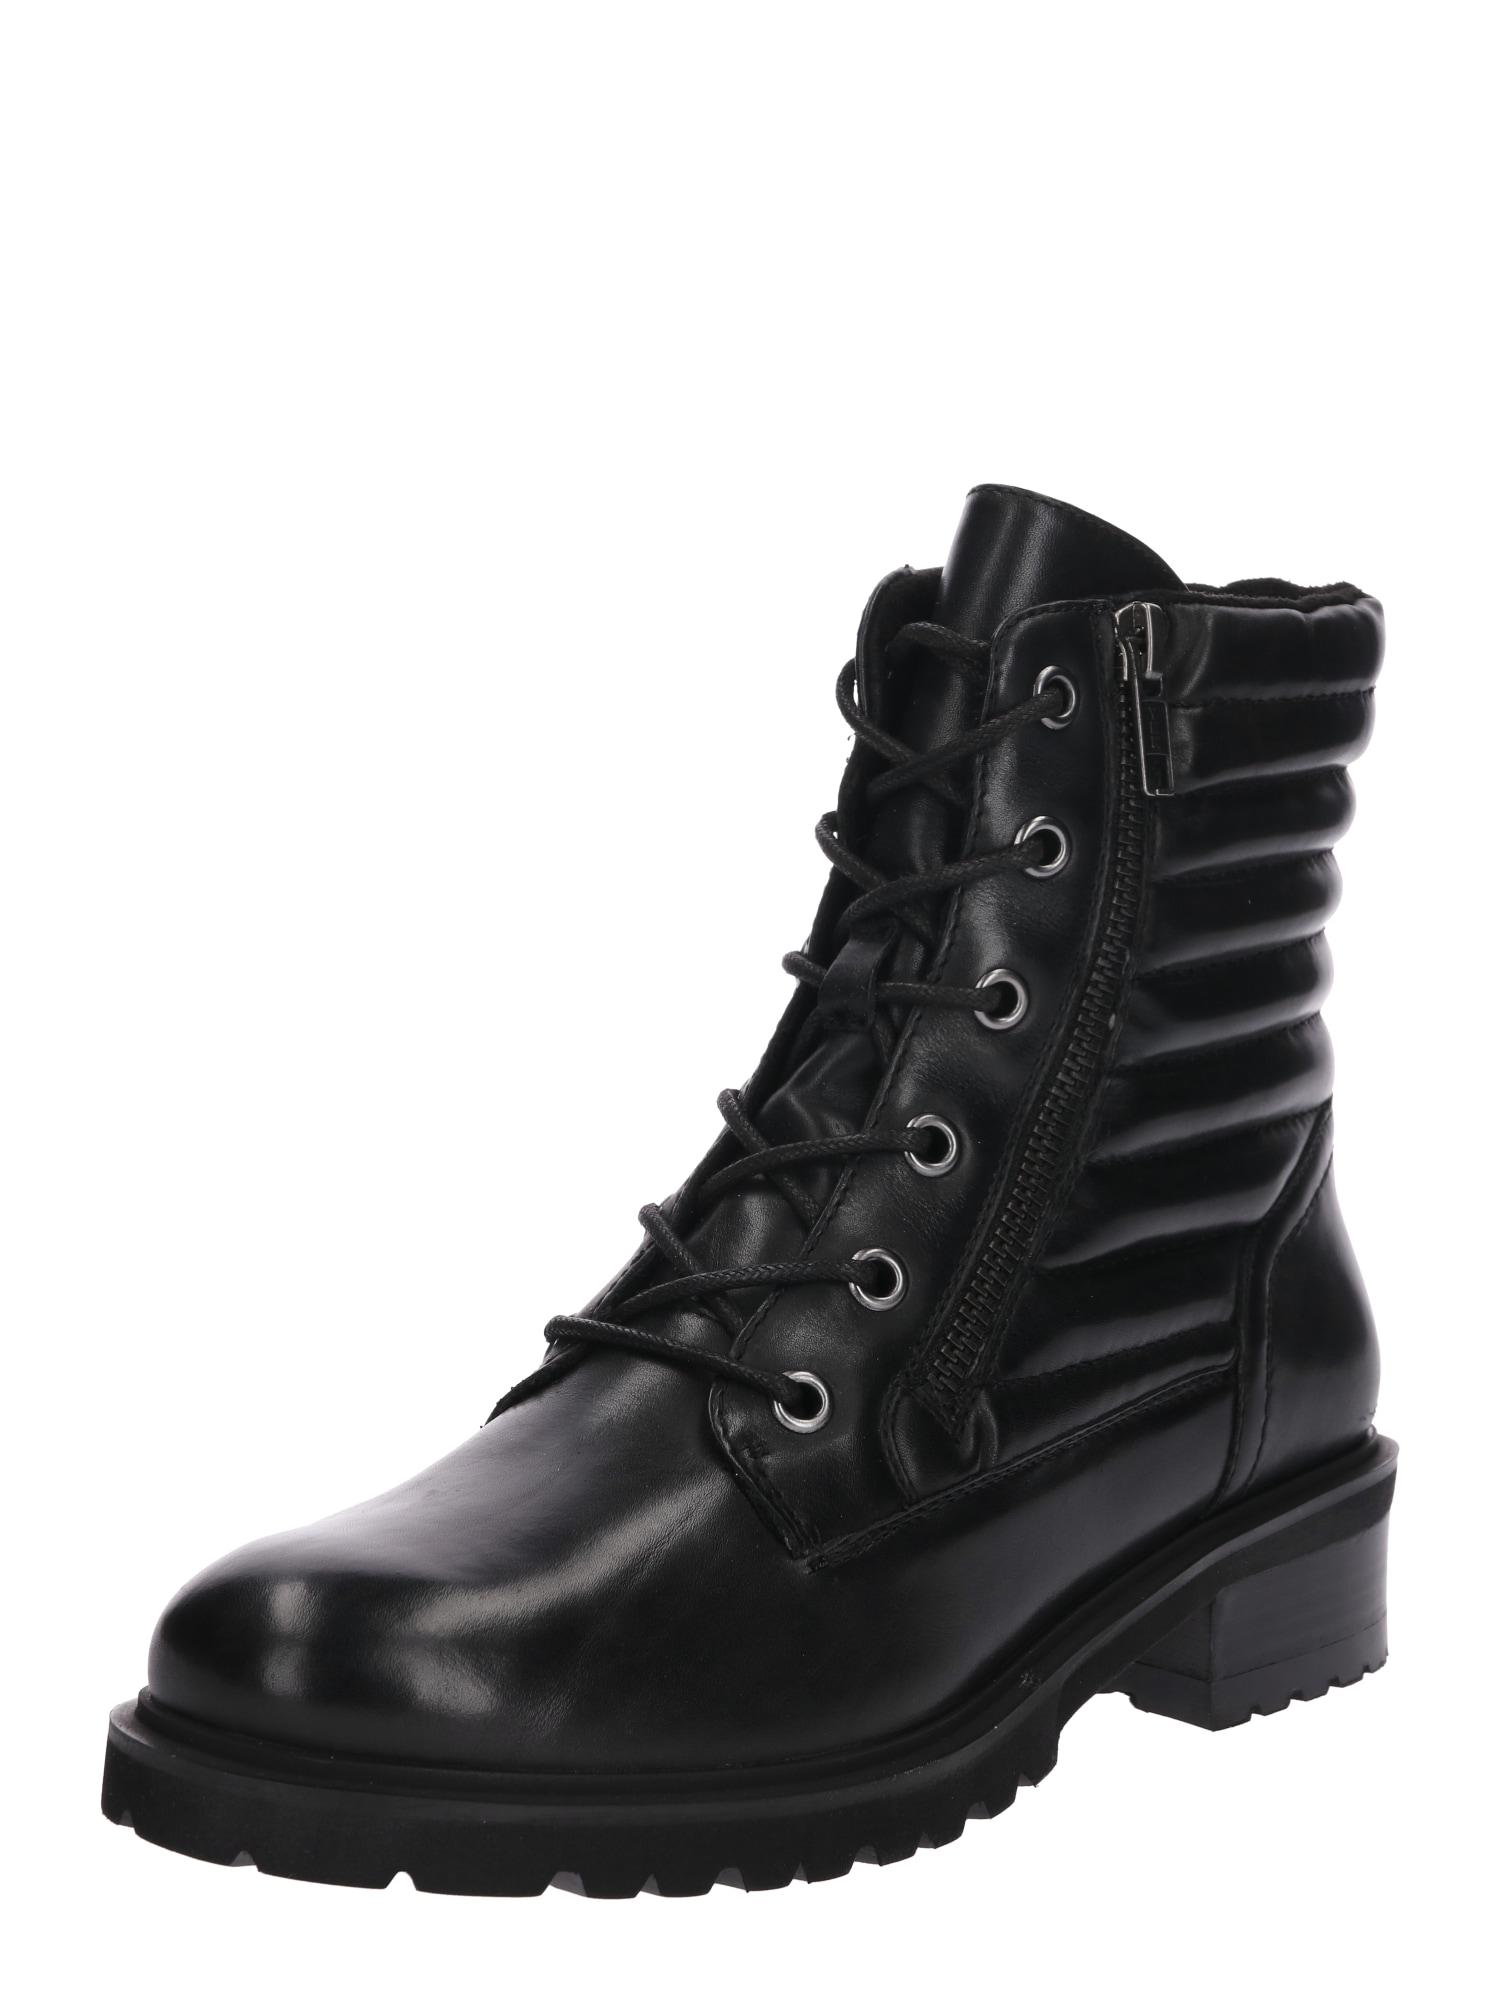 Šněrovací boty Mouplain černá SPM